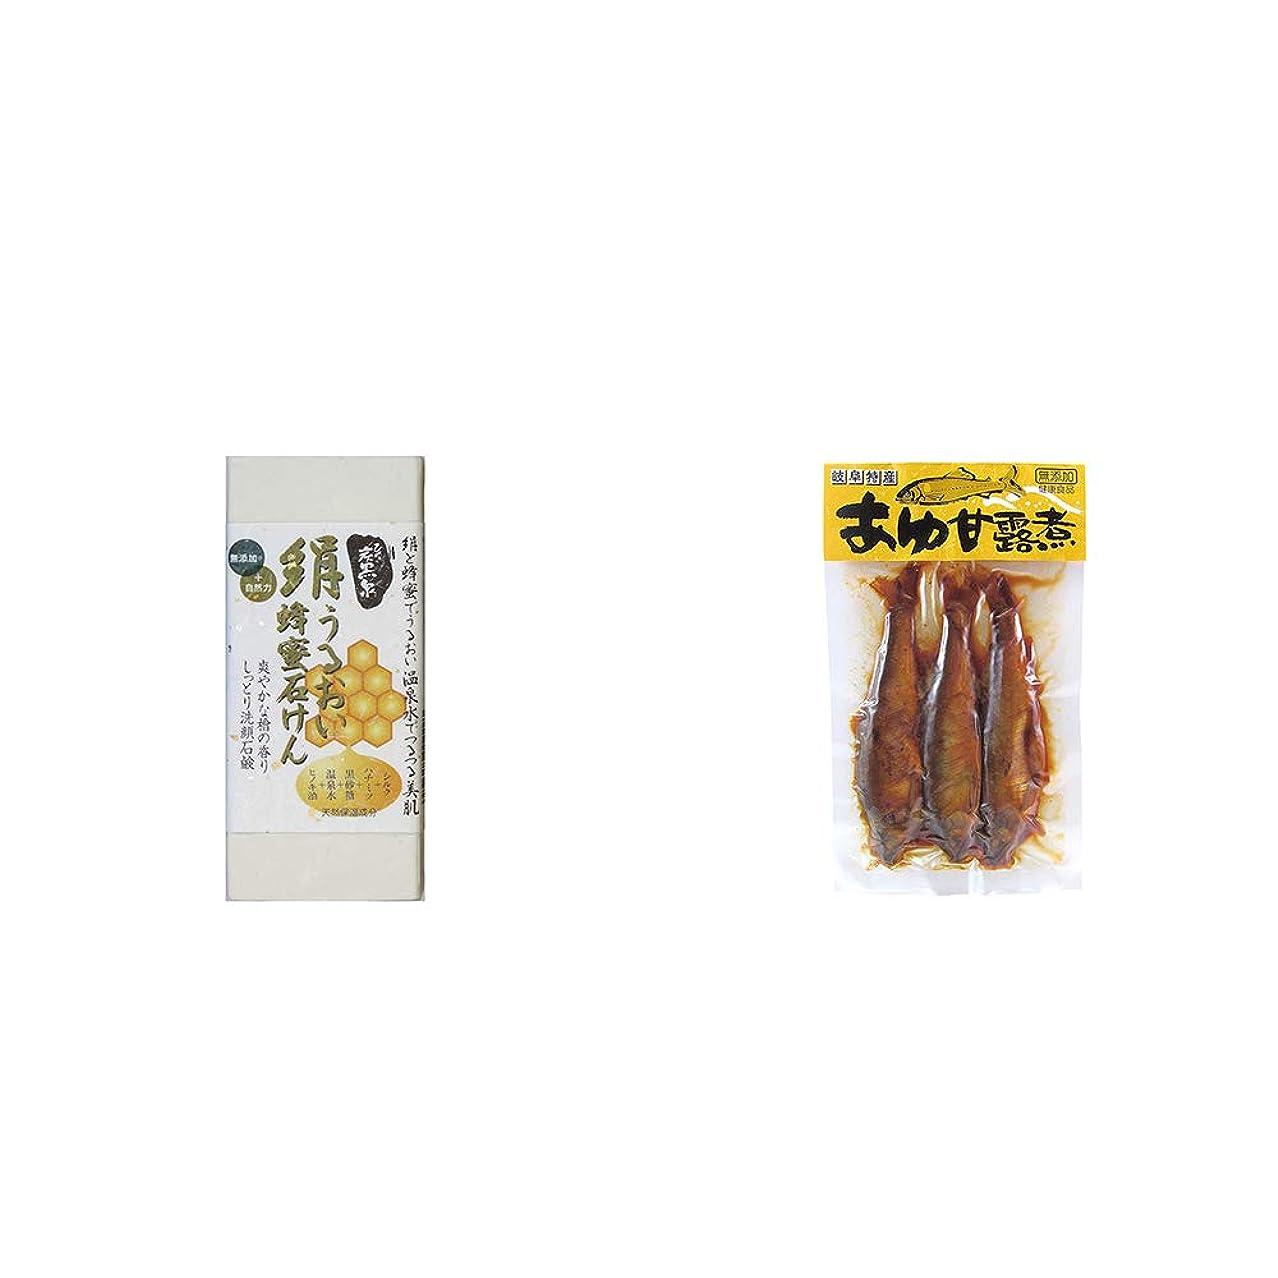 減少砂利プロトタイプ[2点セット] ひのき炭黒泉 絹うるおい蜂蜜石けん(75g×2)?あゆ甘露煮(3匹入)